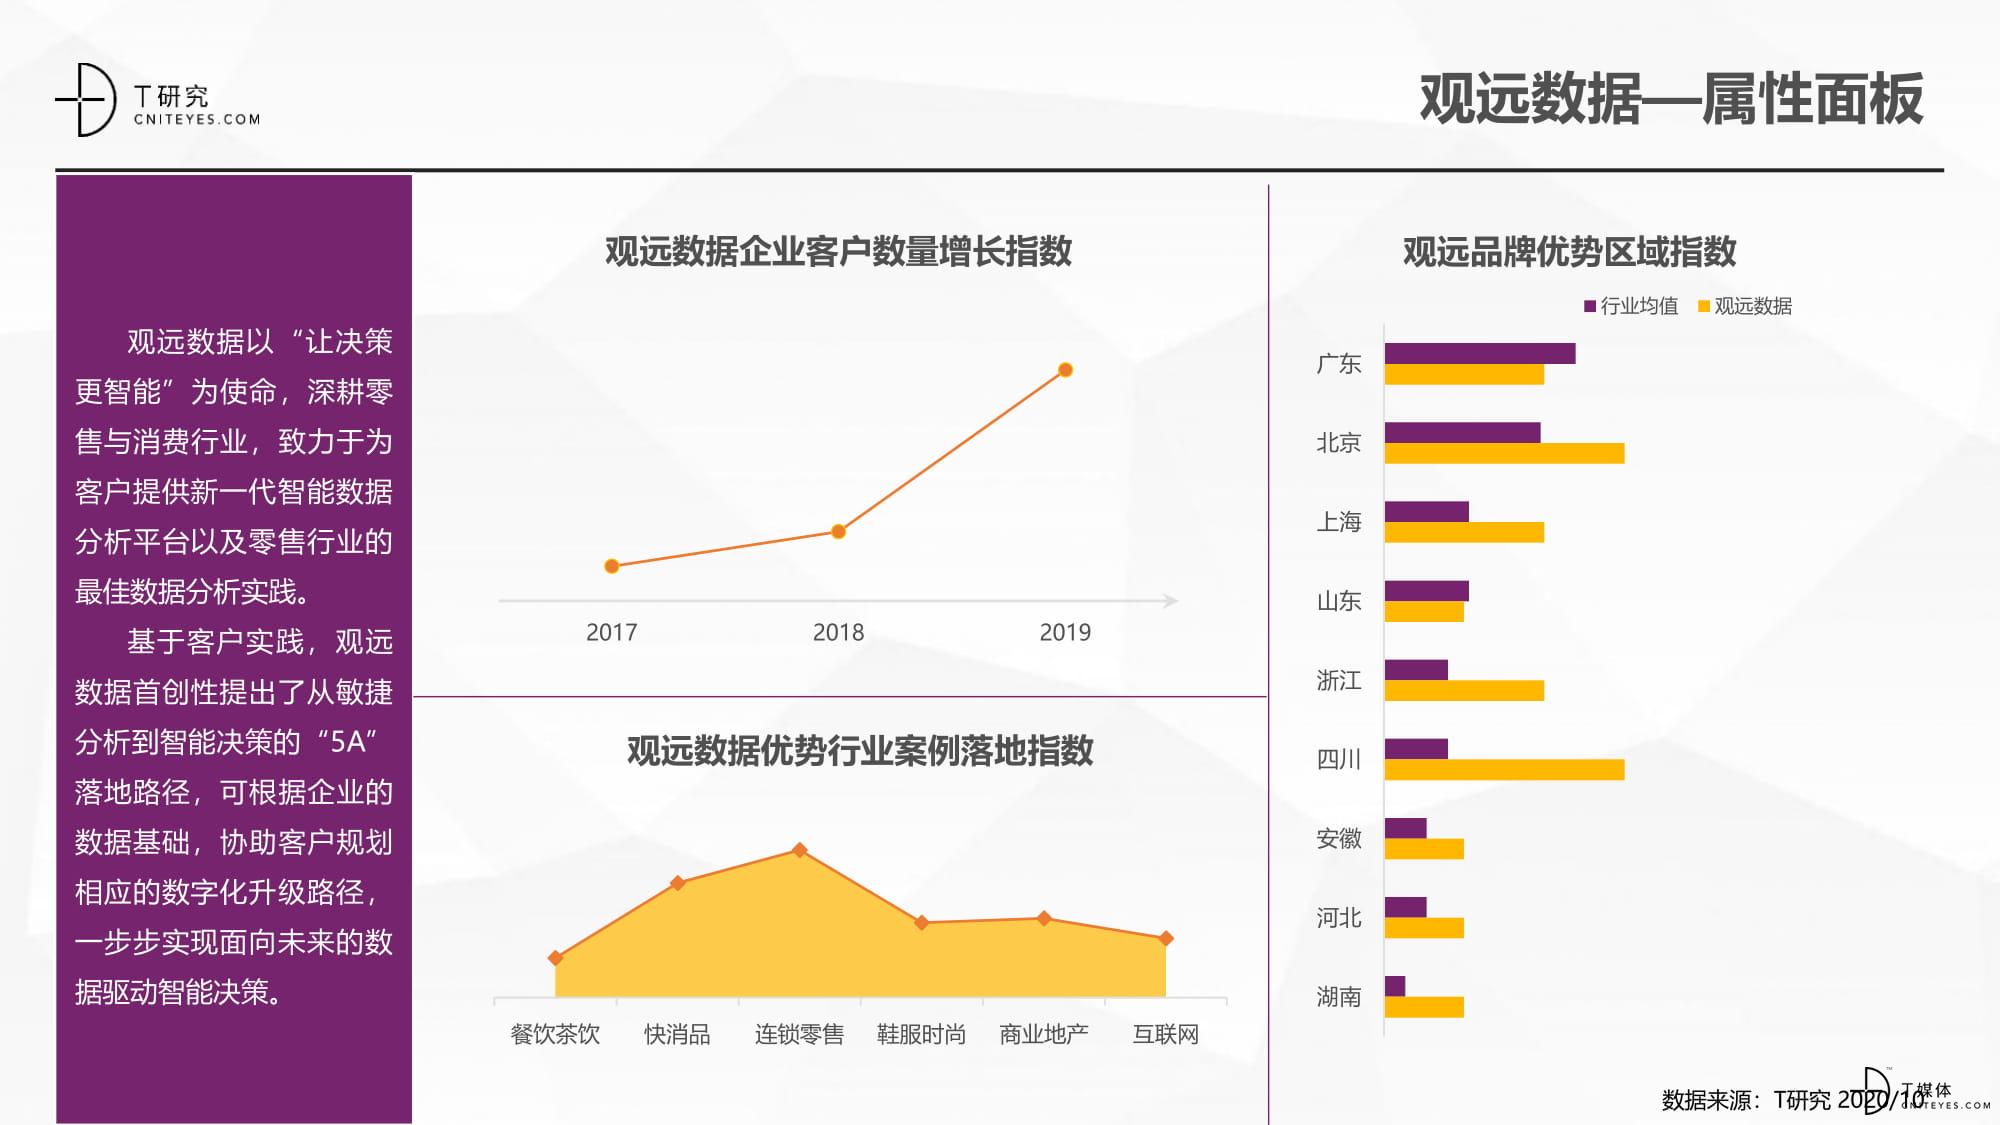 2020中国BI指数测评报告-26.jpg